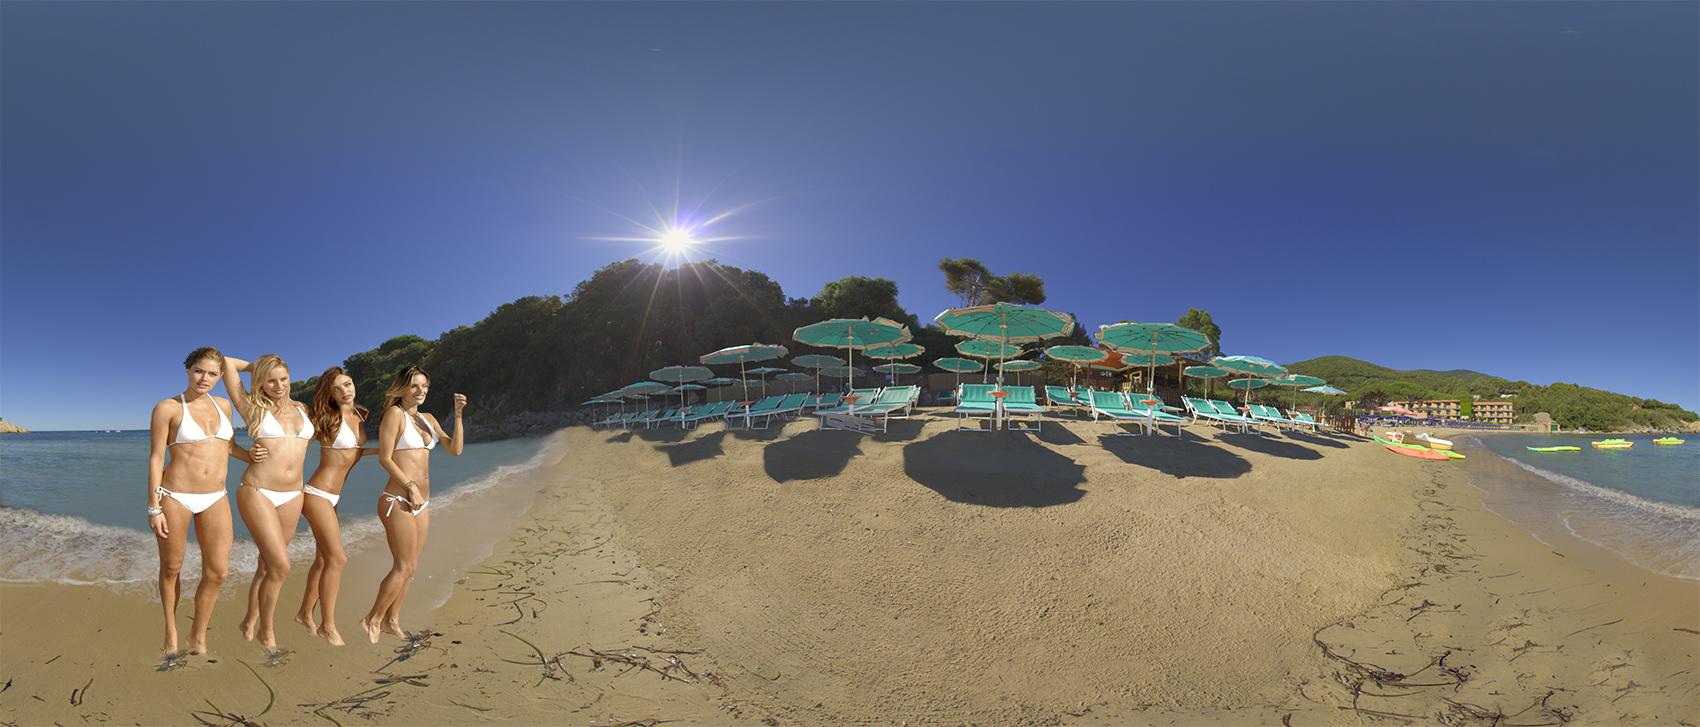 Balneare Posidonia